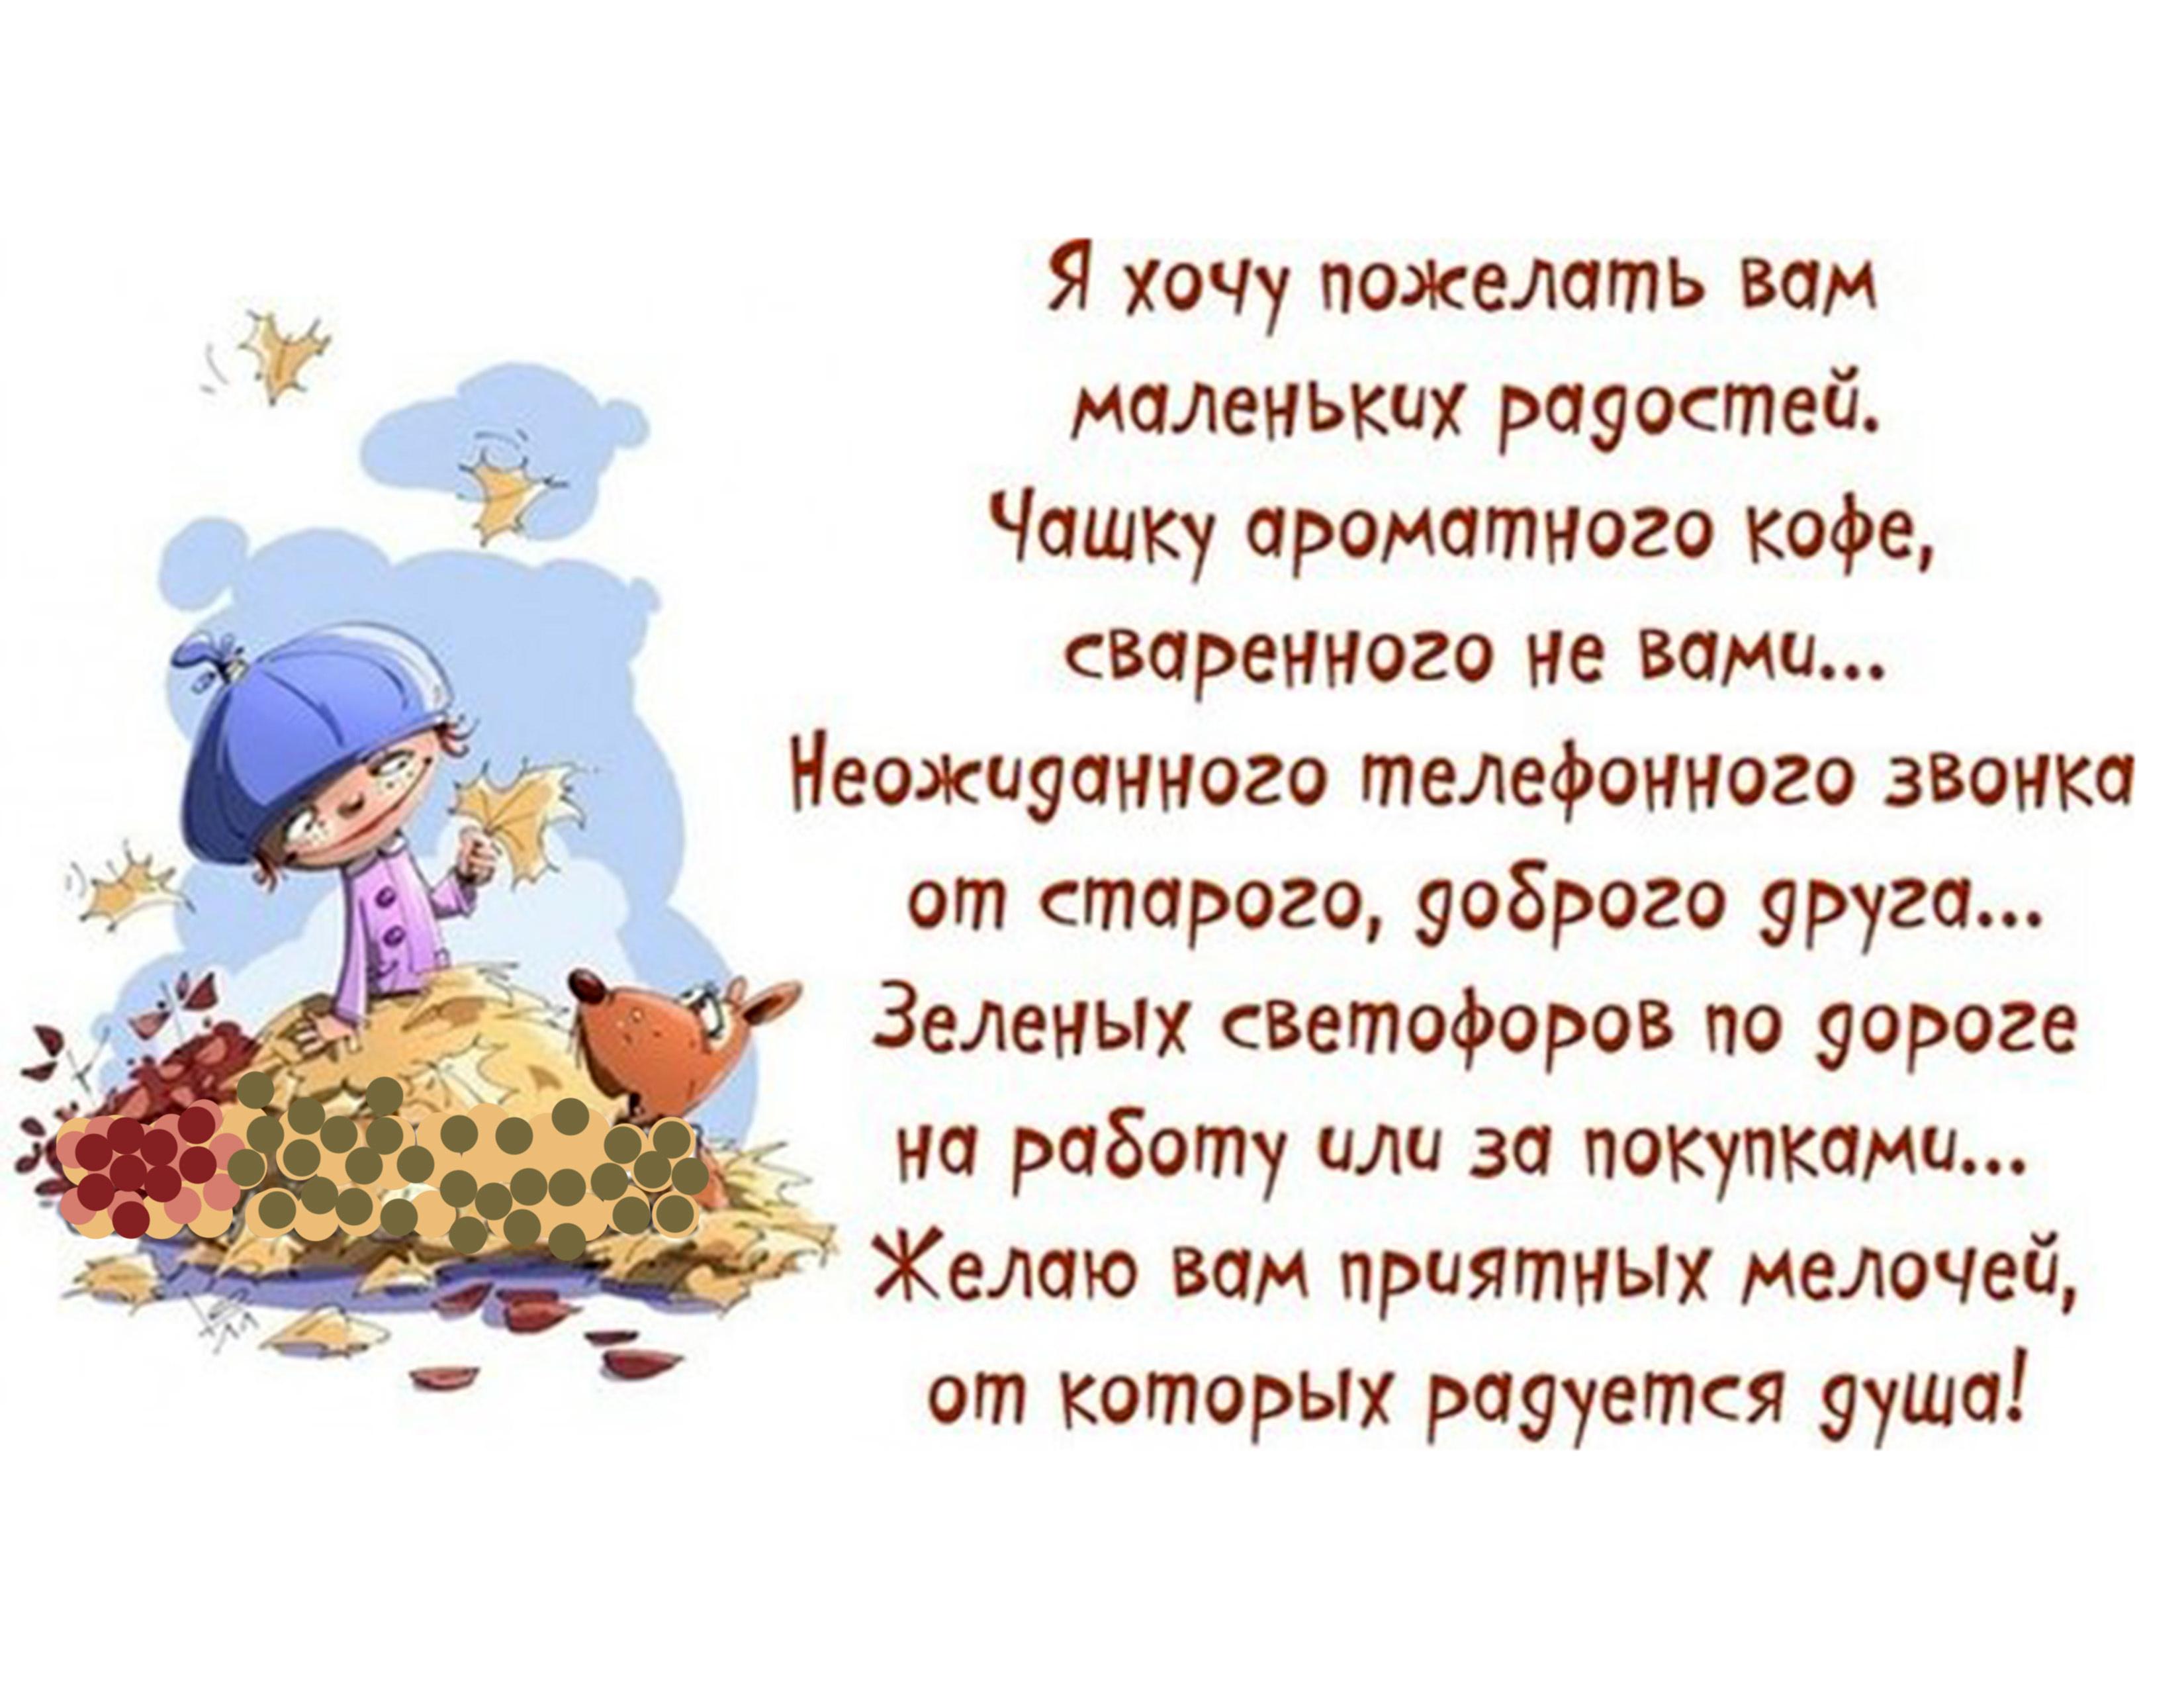 ПОЗДРАВЛЕНИЯ - Горбачев-Фонд